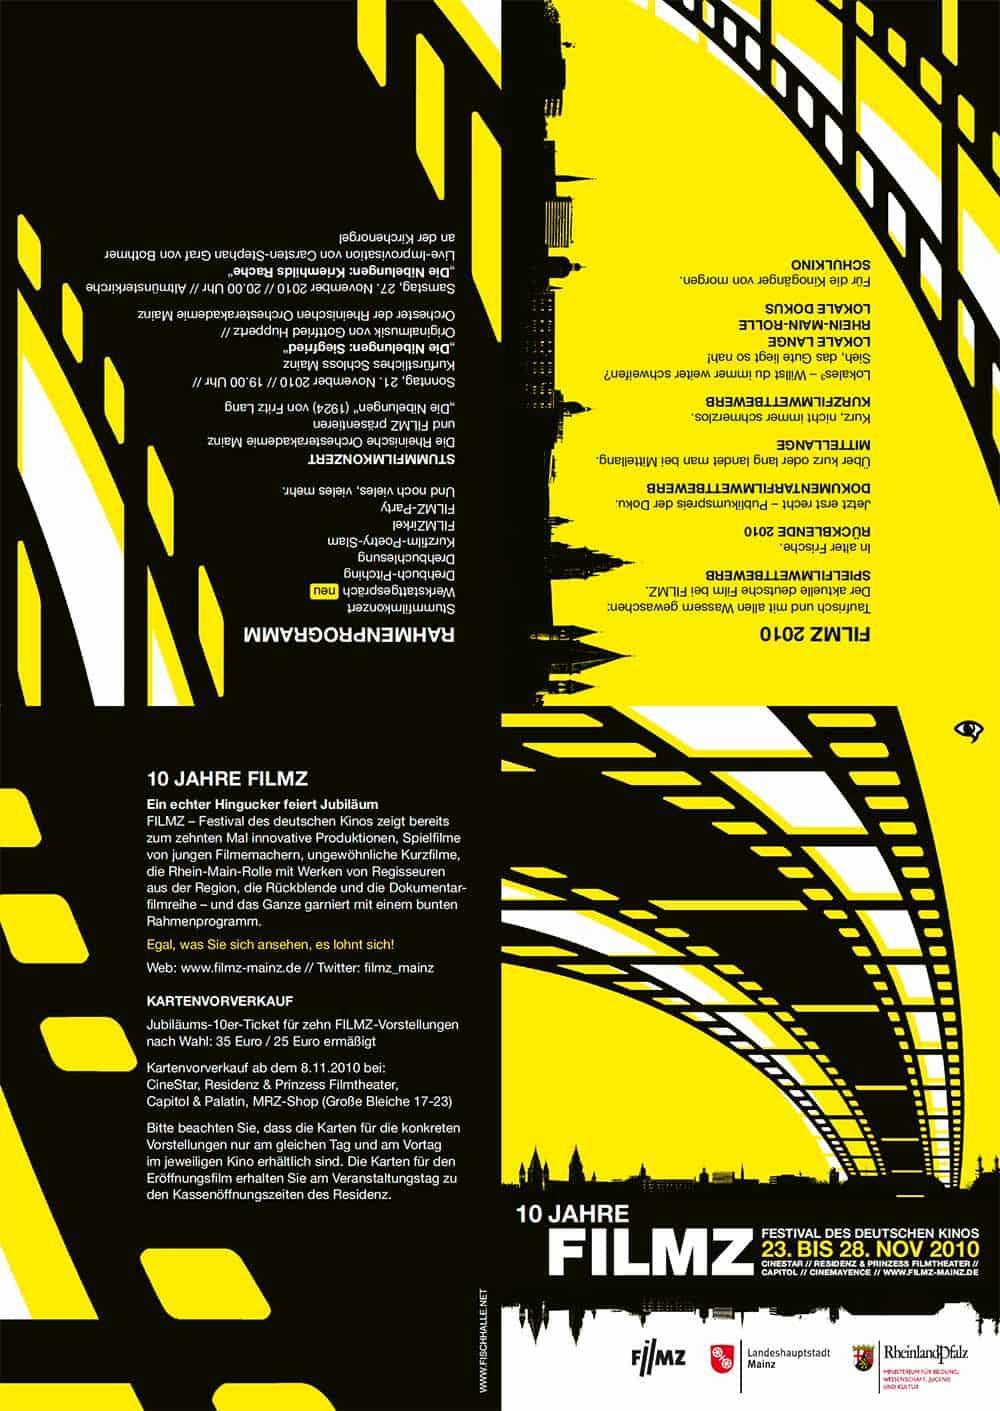 Filmz_Filmfestival_Flyer